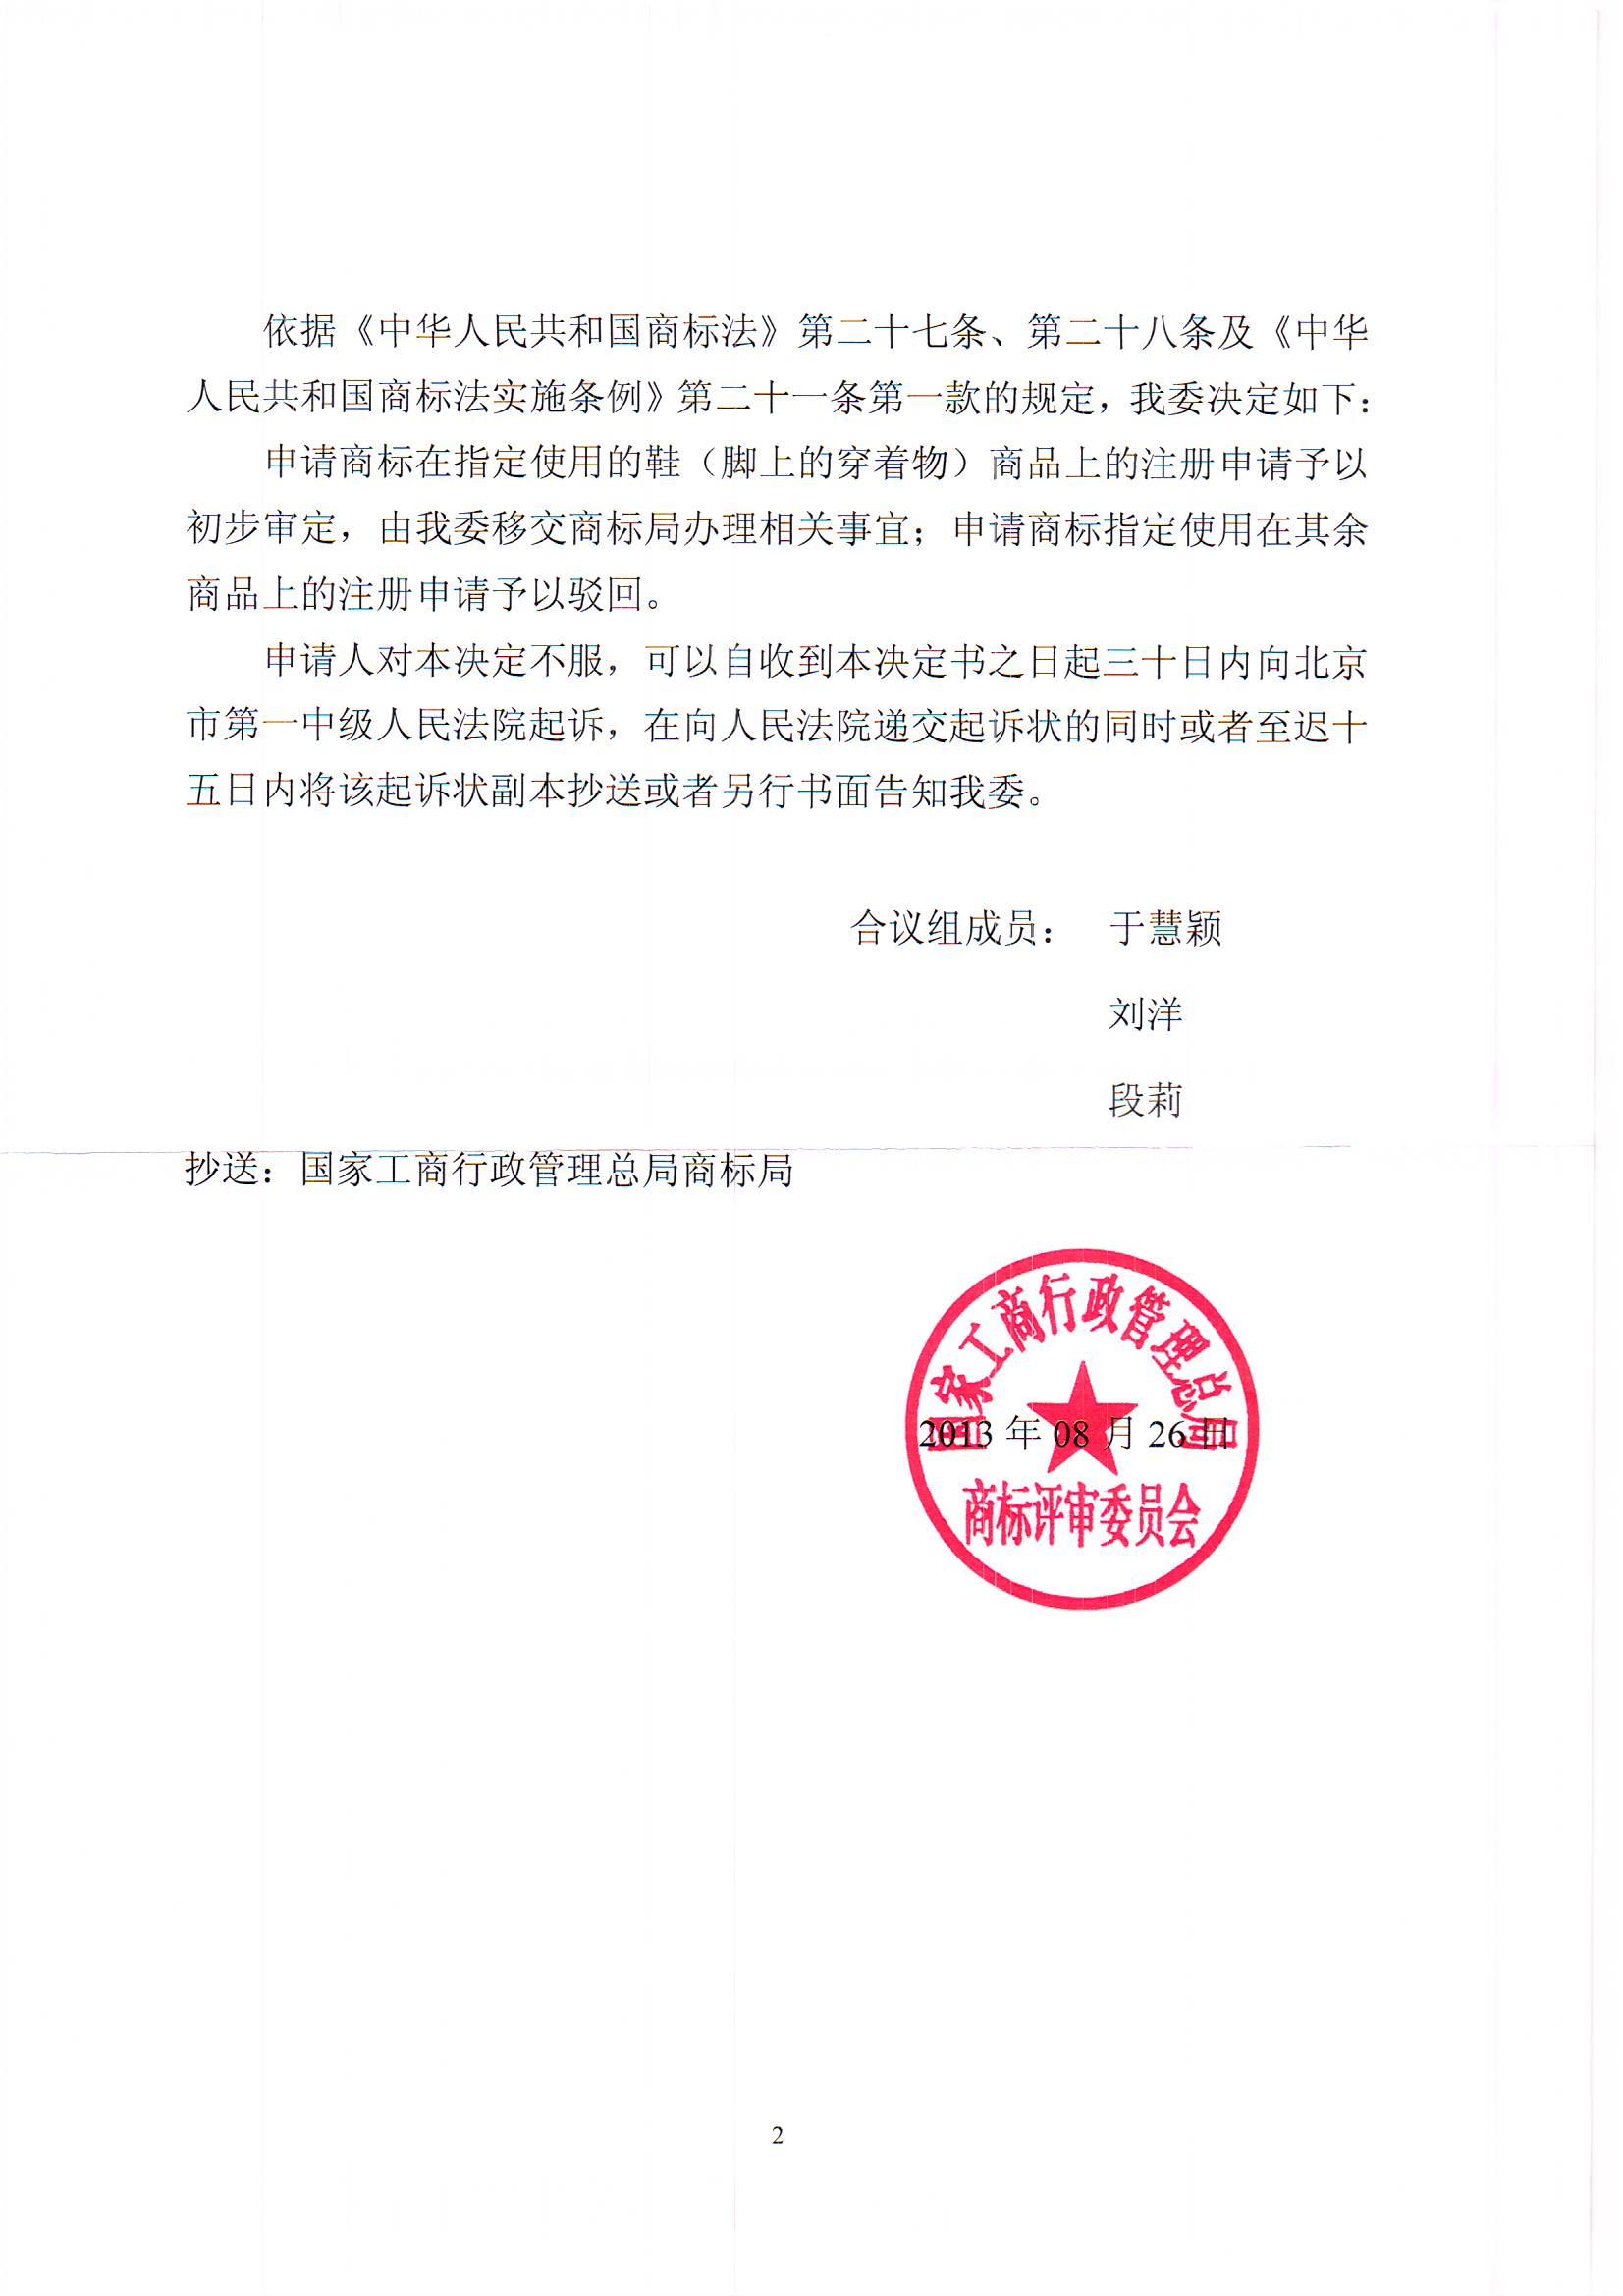 """汕头市千纪服饰有限公司对第9043070号""""千纪丽人""""商标驳回成功!"""